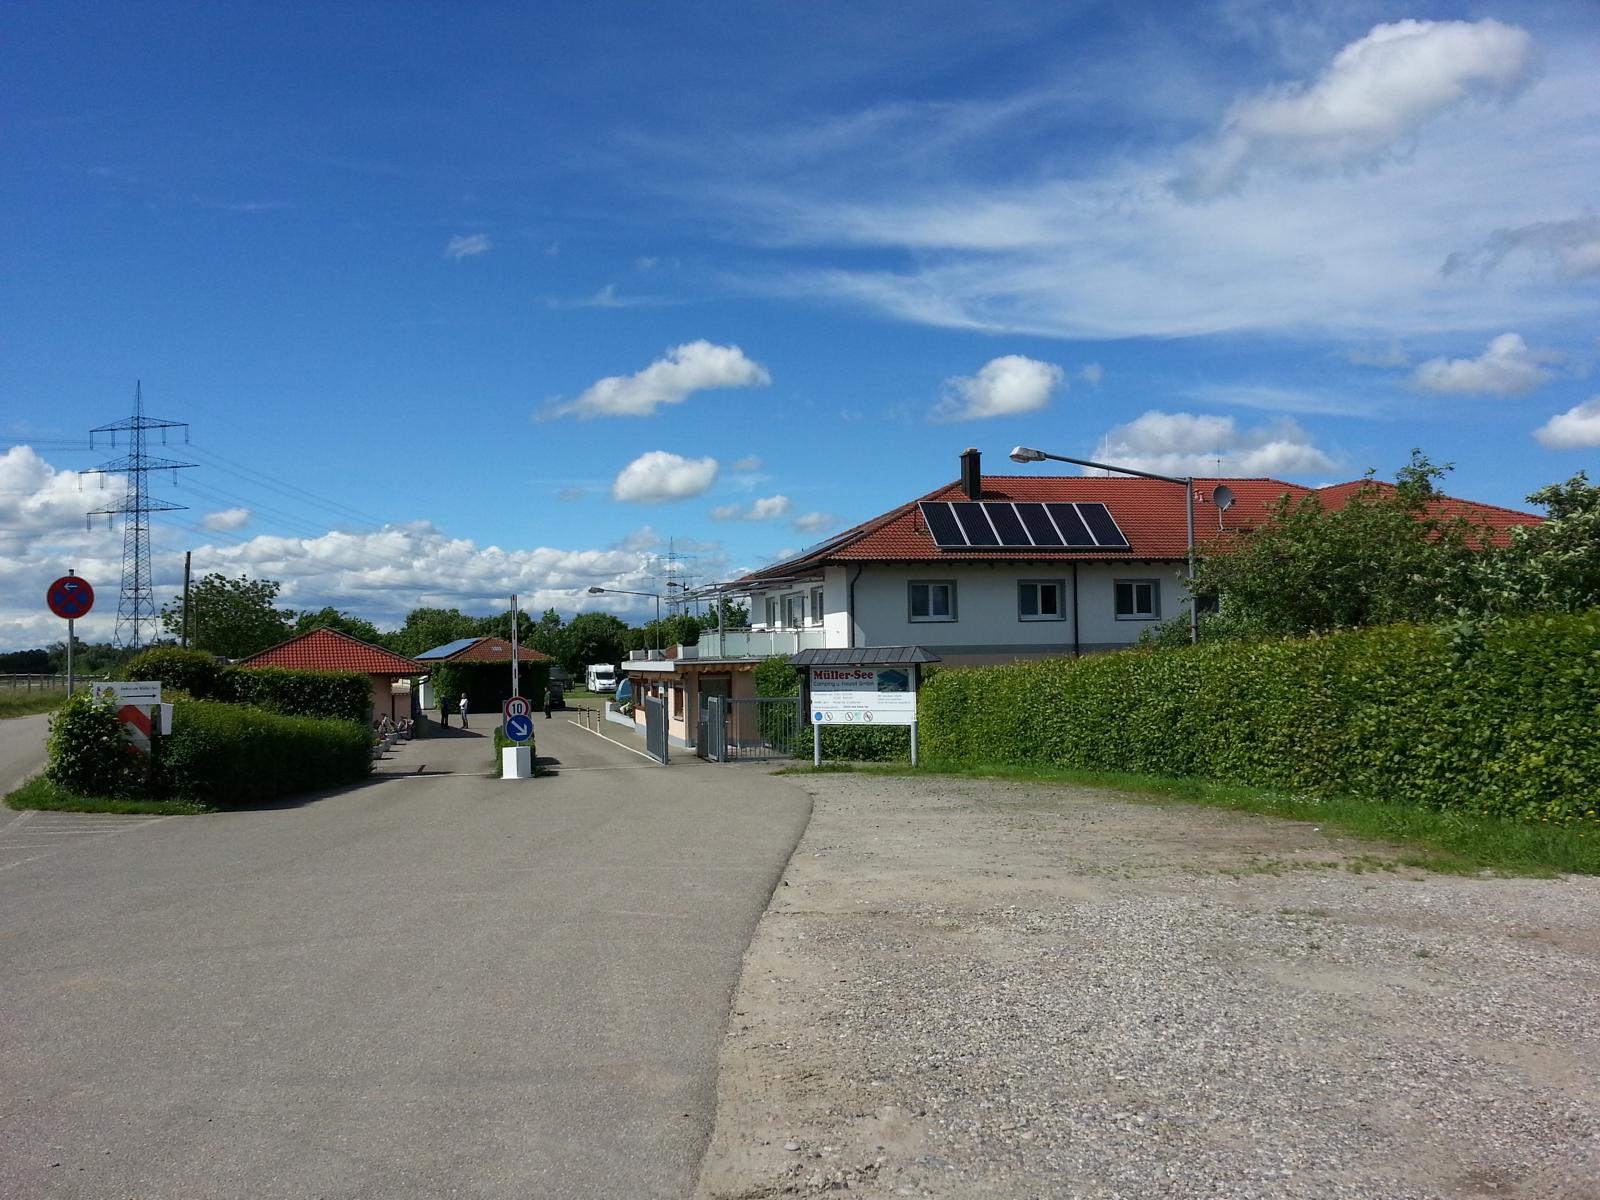 Müllersee Camping Freizeit Gmbh